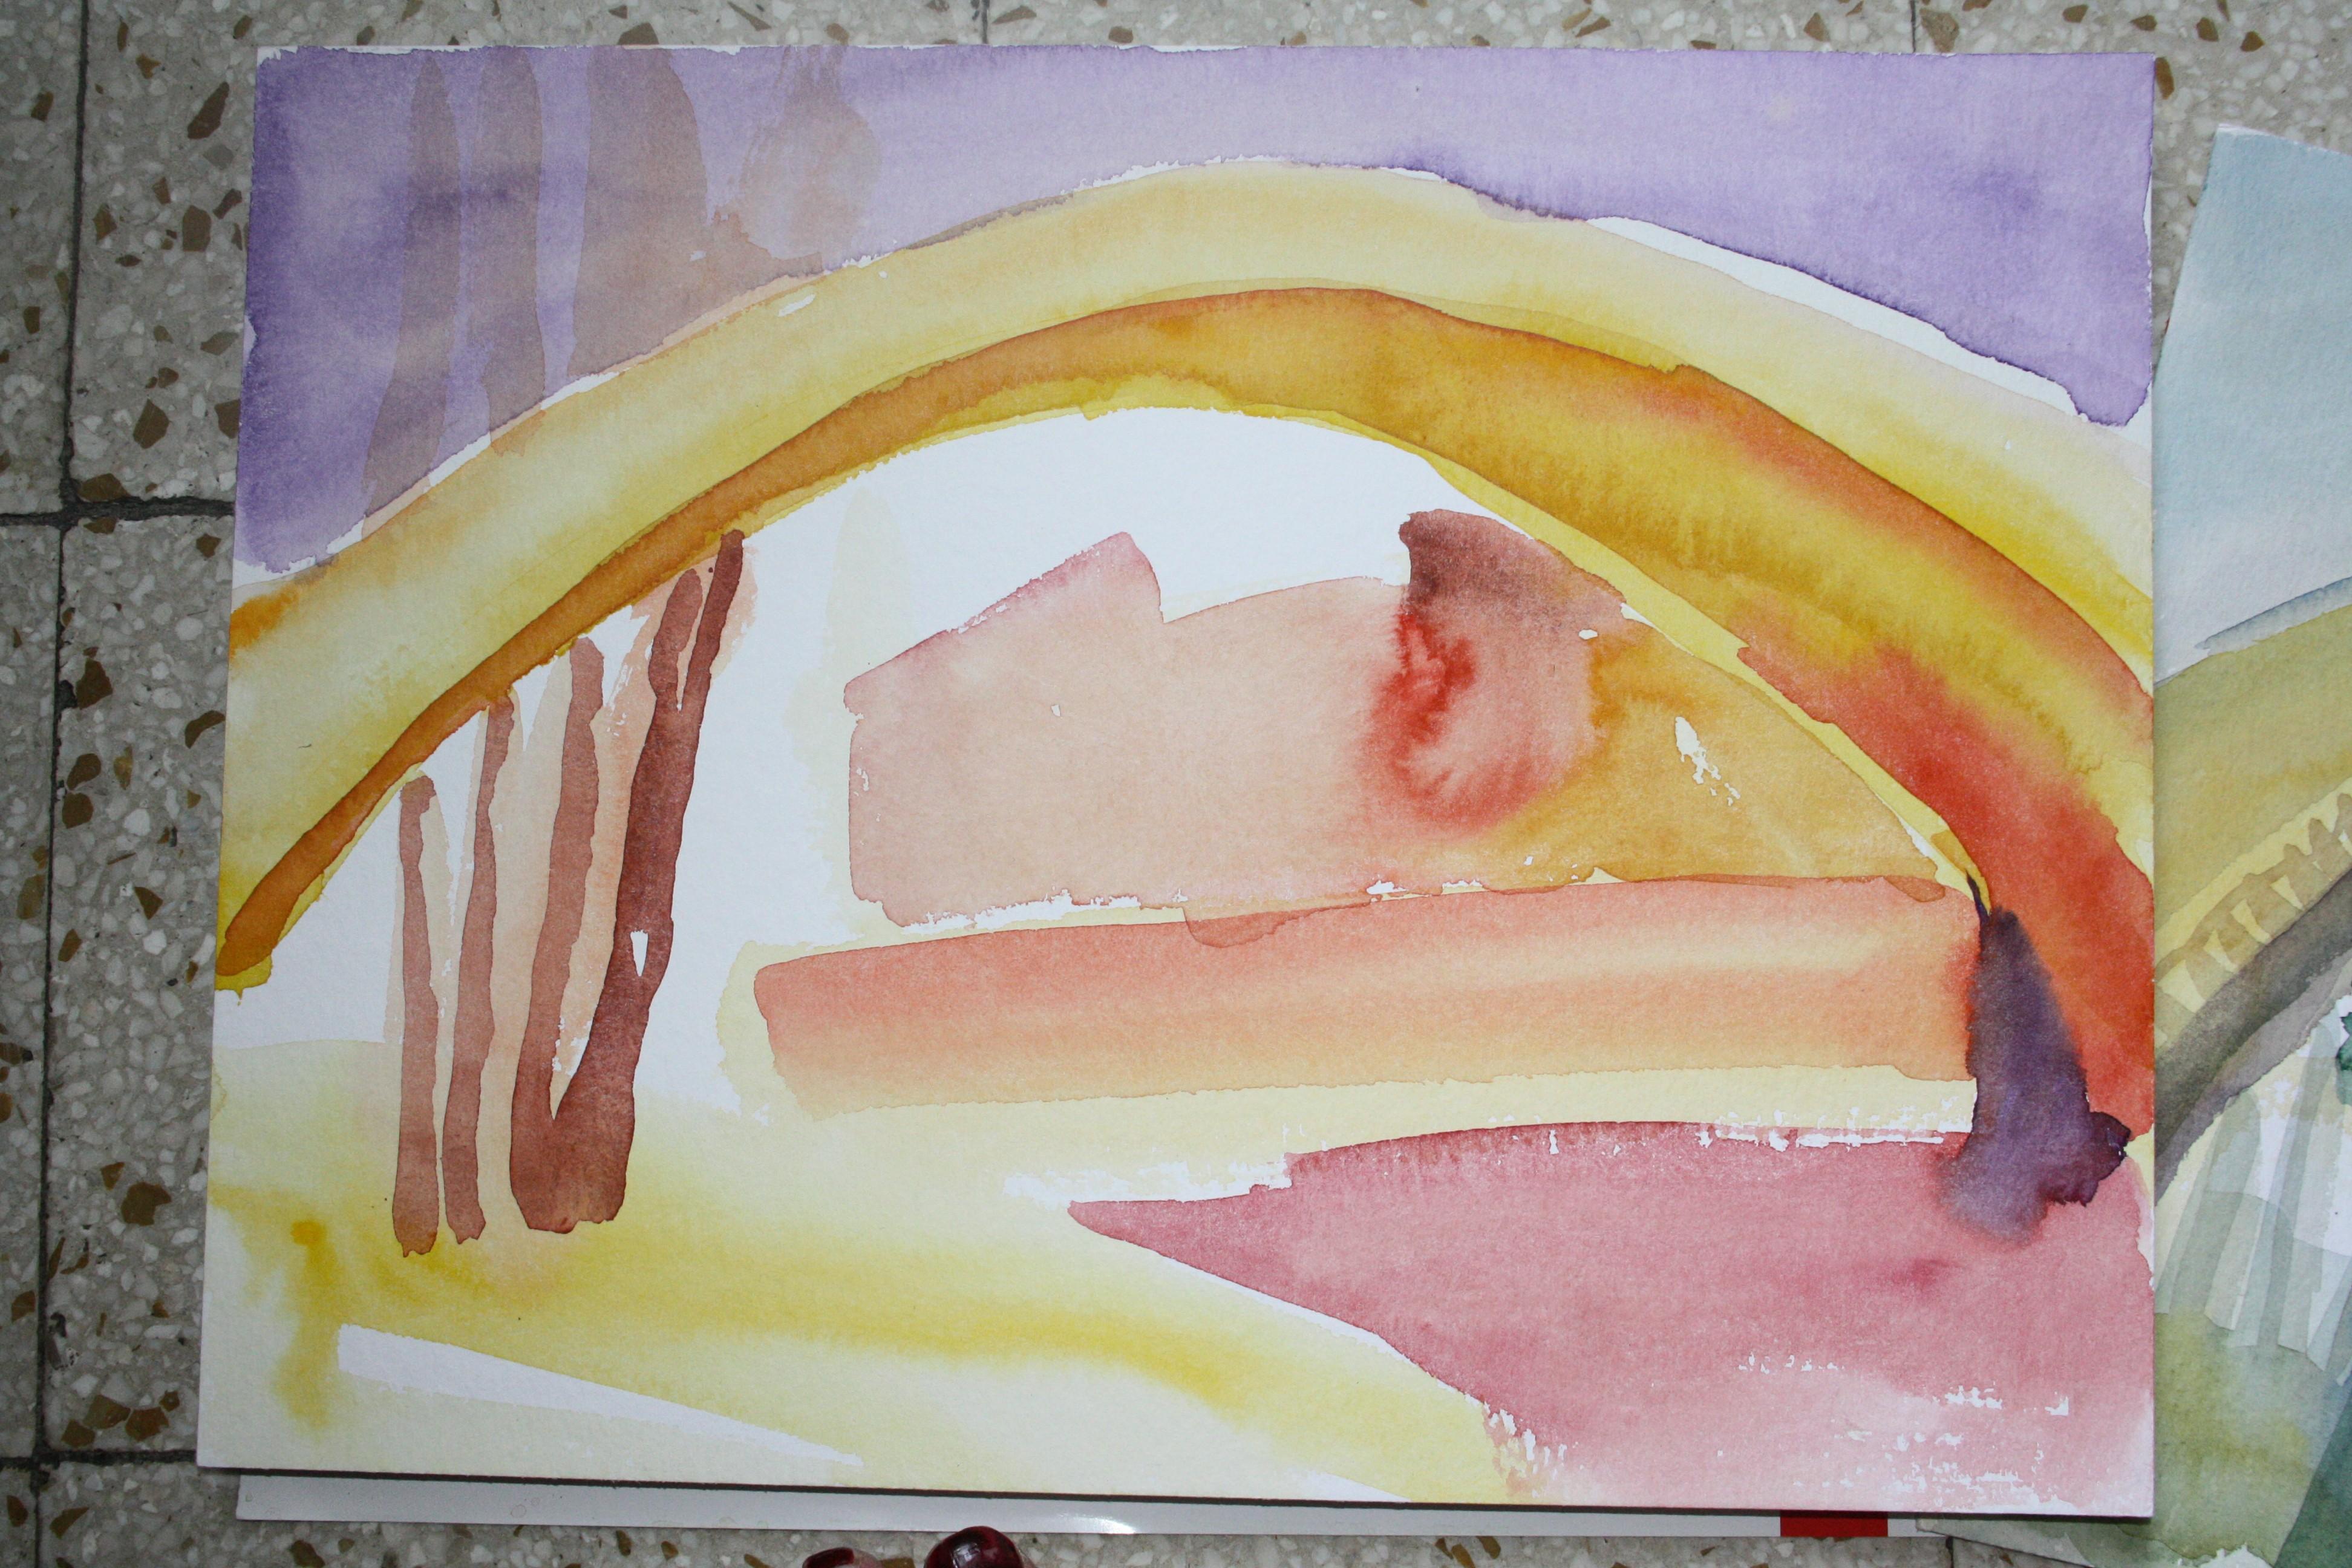 Die Brücke mit kräftigen Farben schnell gemalt (c) Susanne Haun